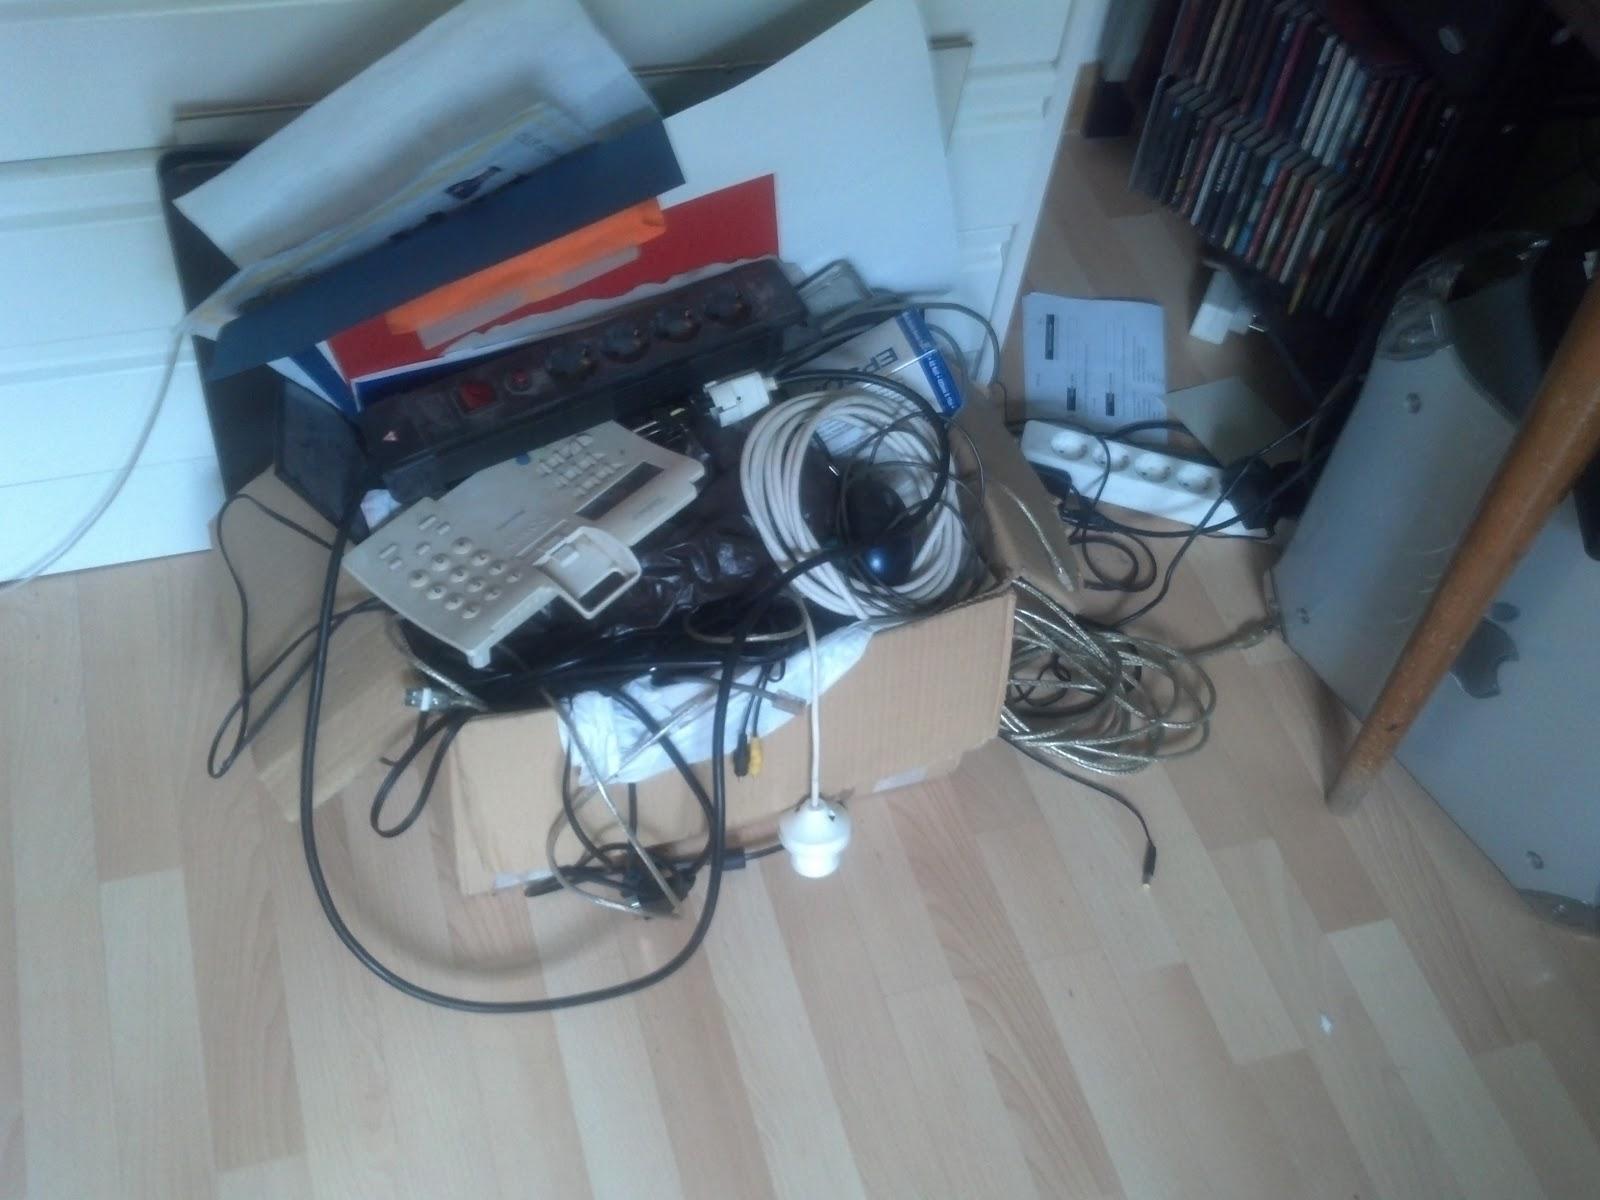 Historias de miss airgam la caja de los cables - Caja para ocultar cables ...